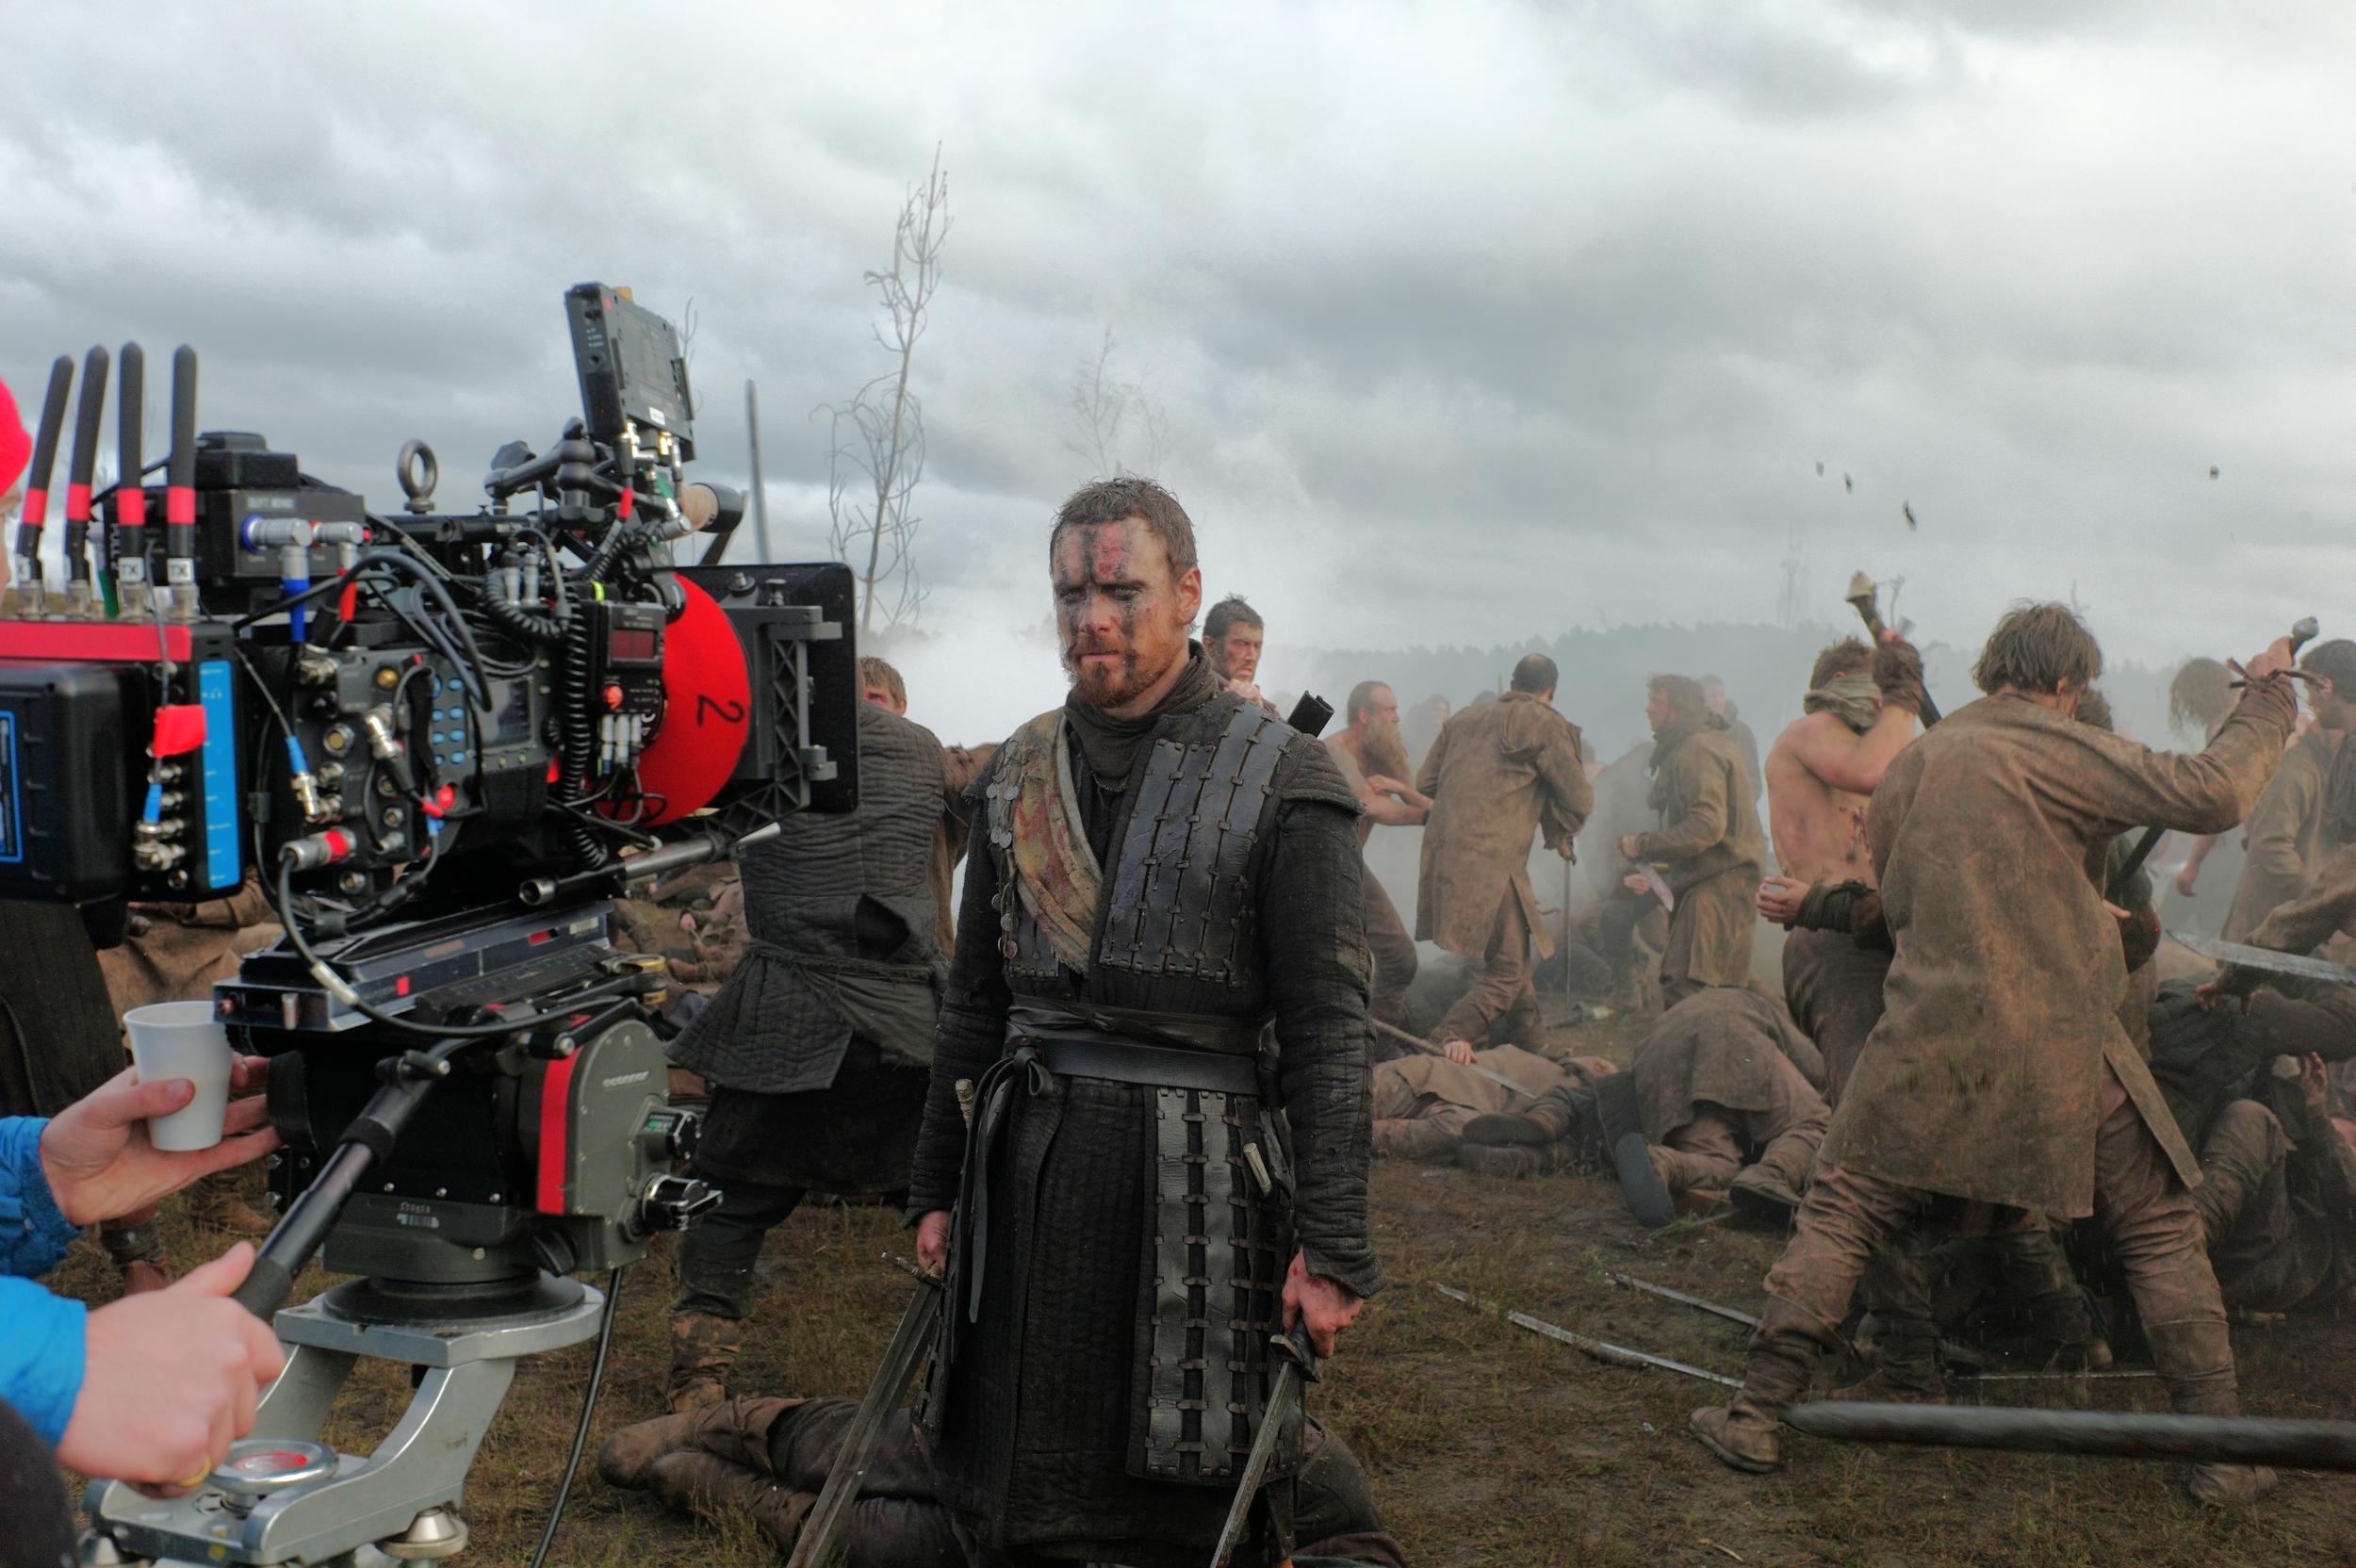 Macbeth1.jpg